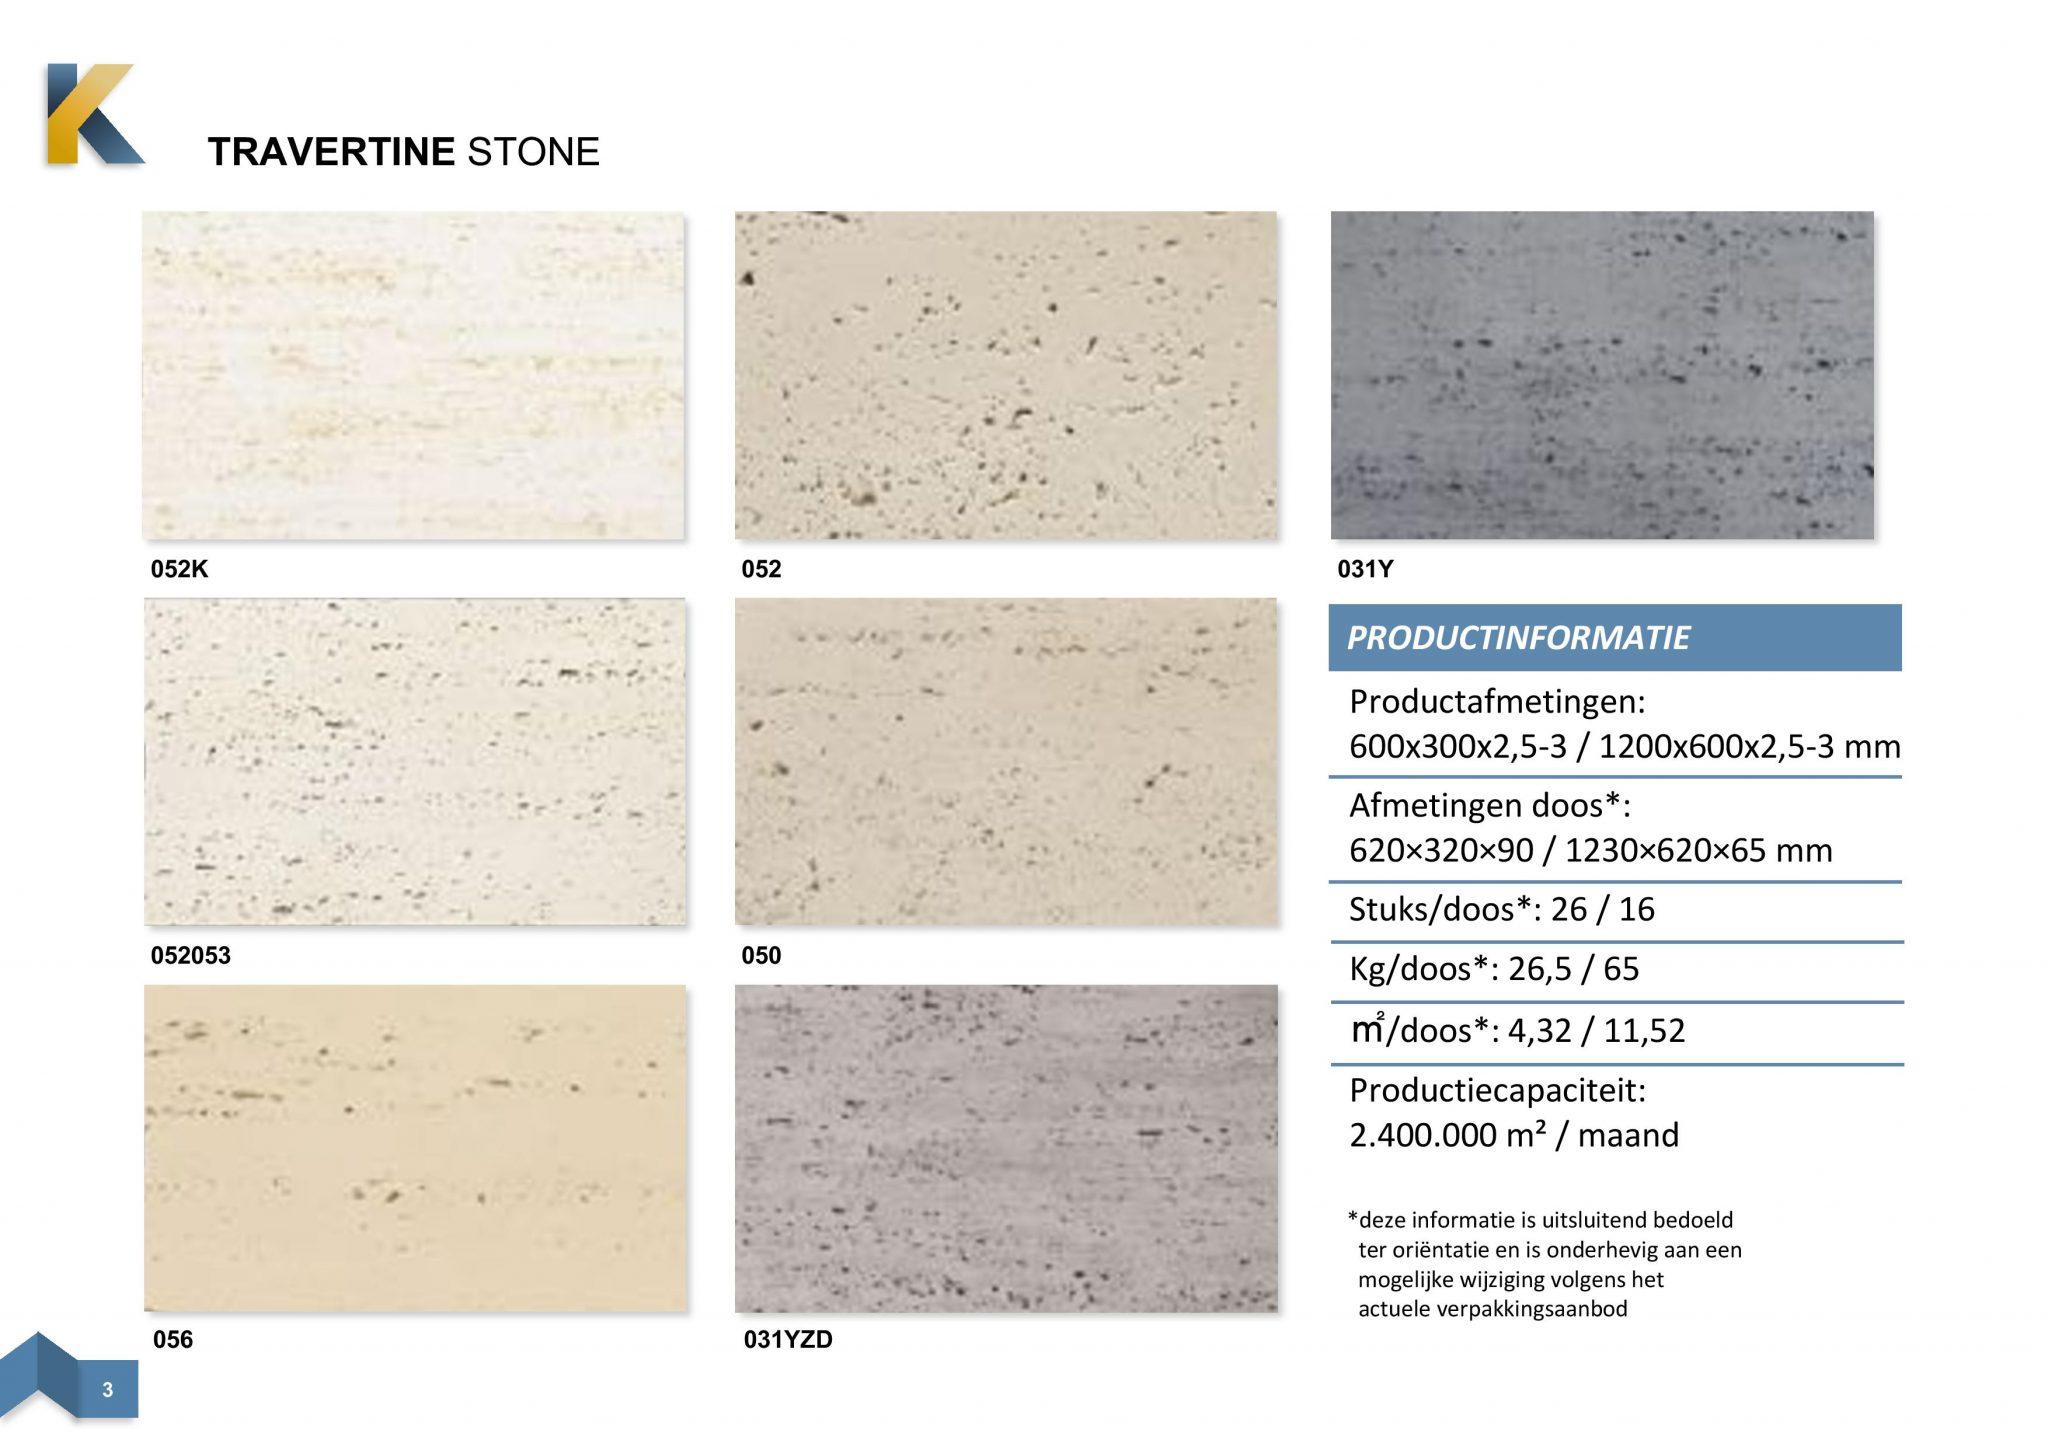 Kozinez Bio-Eco-Klei catalogus-page-004